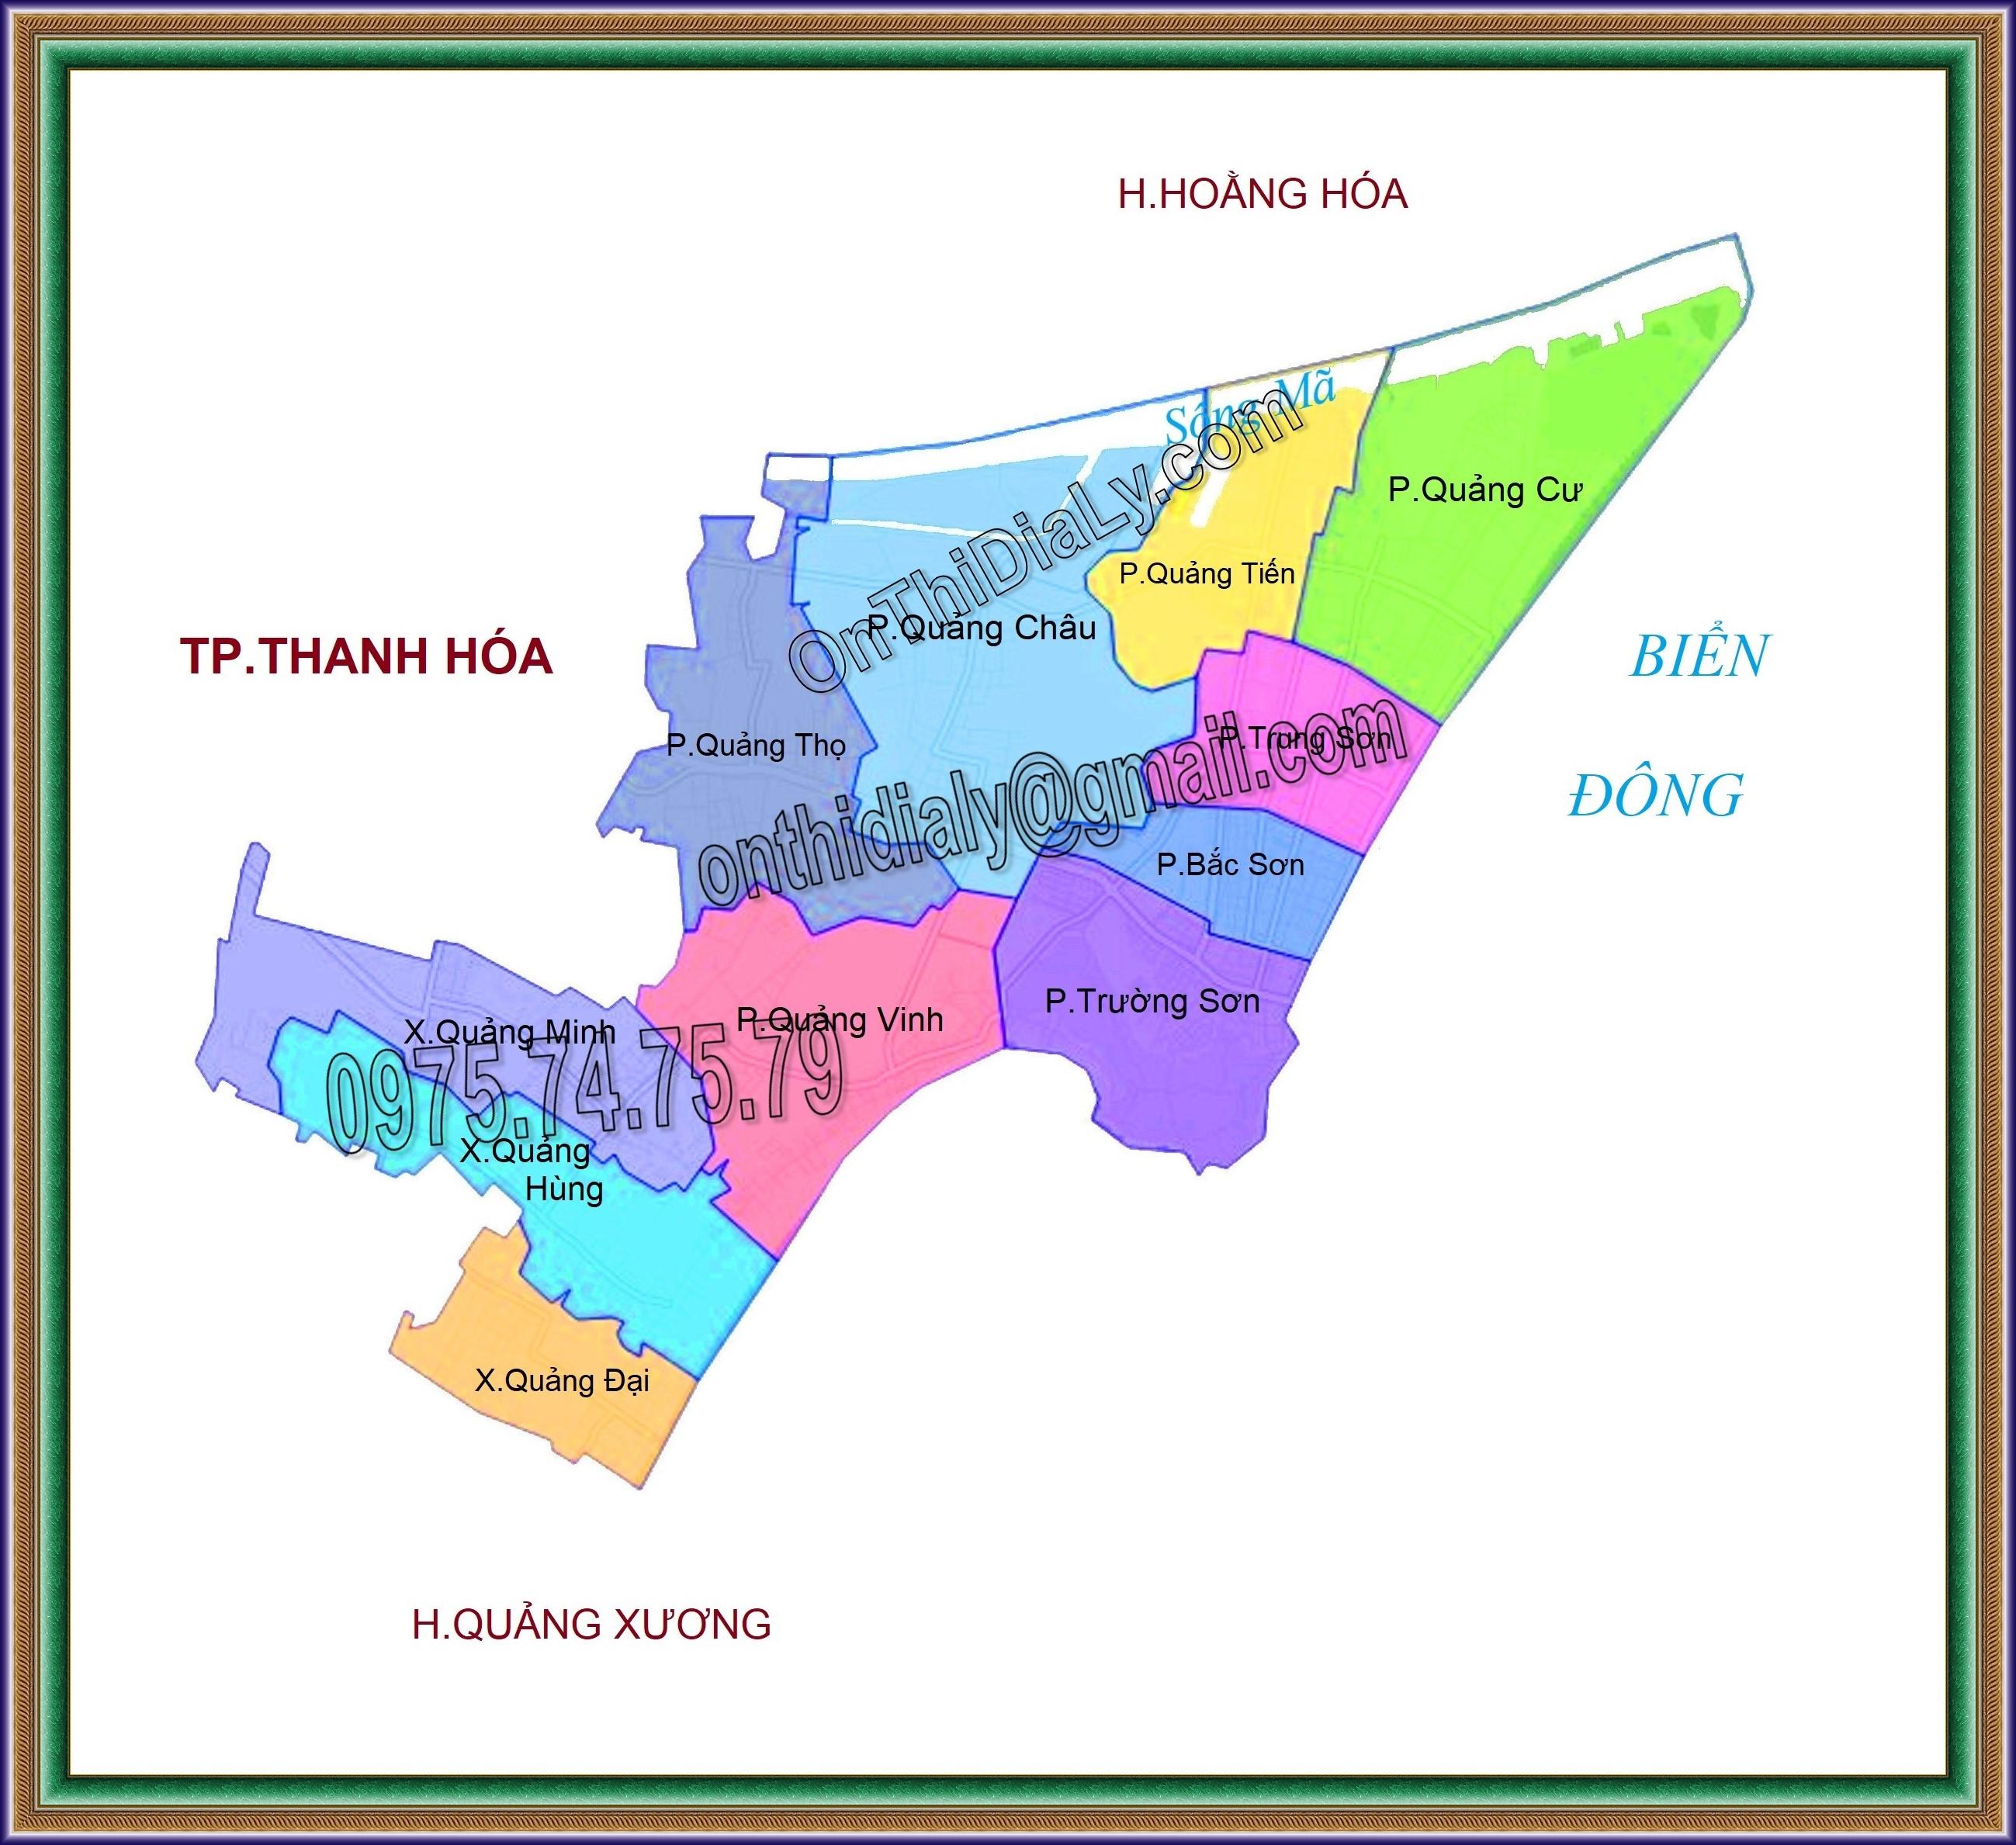 Bản đồ Thành phố Sầm Sơn, tỉnh Thanh Hóa